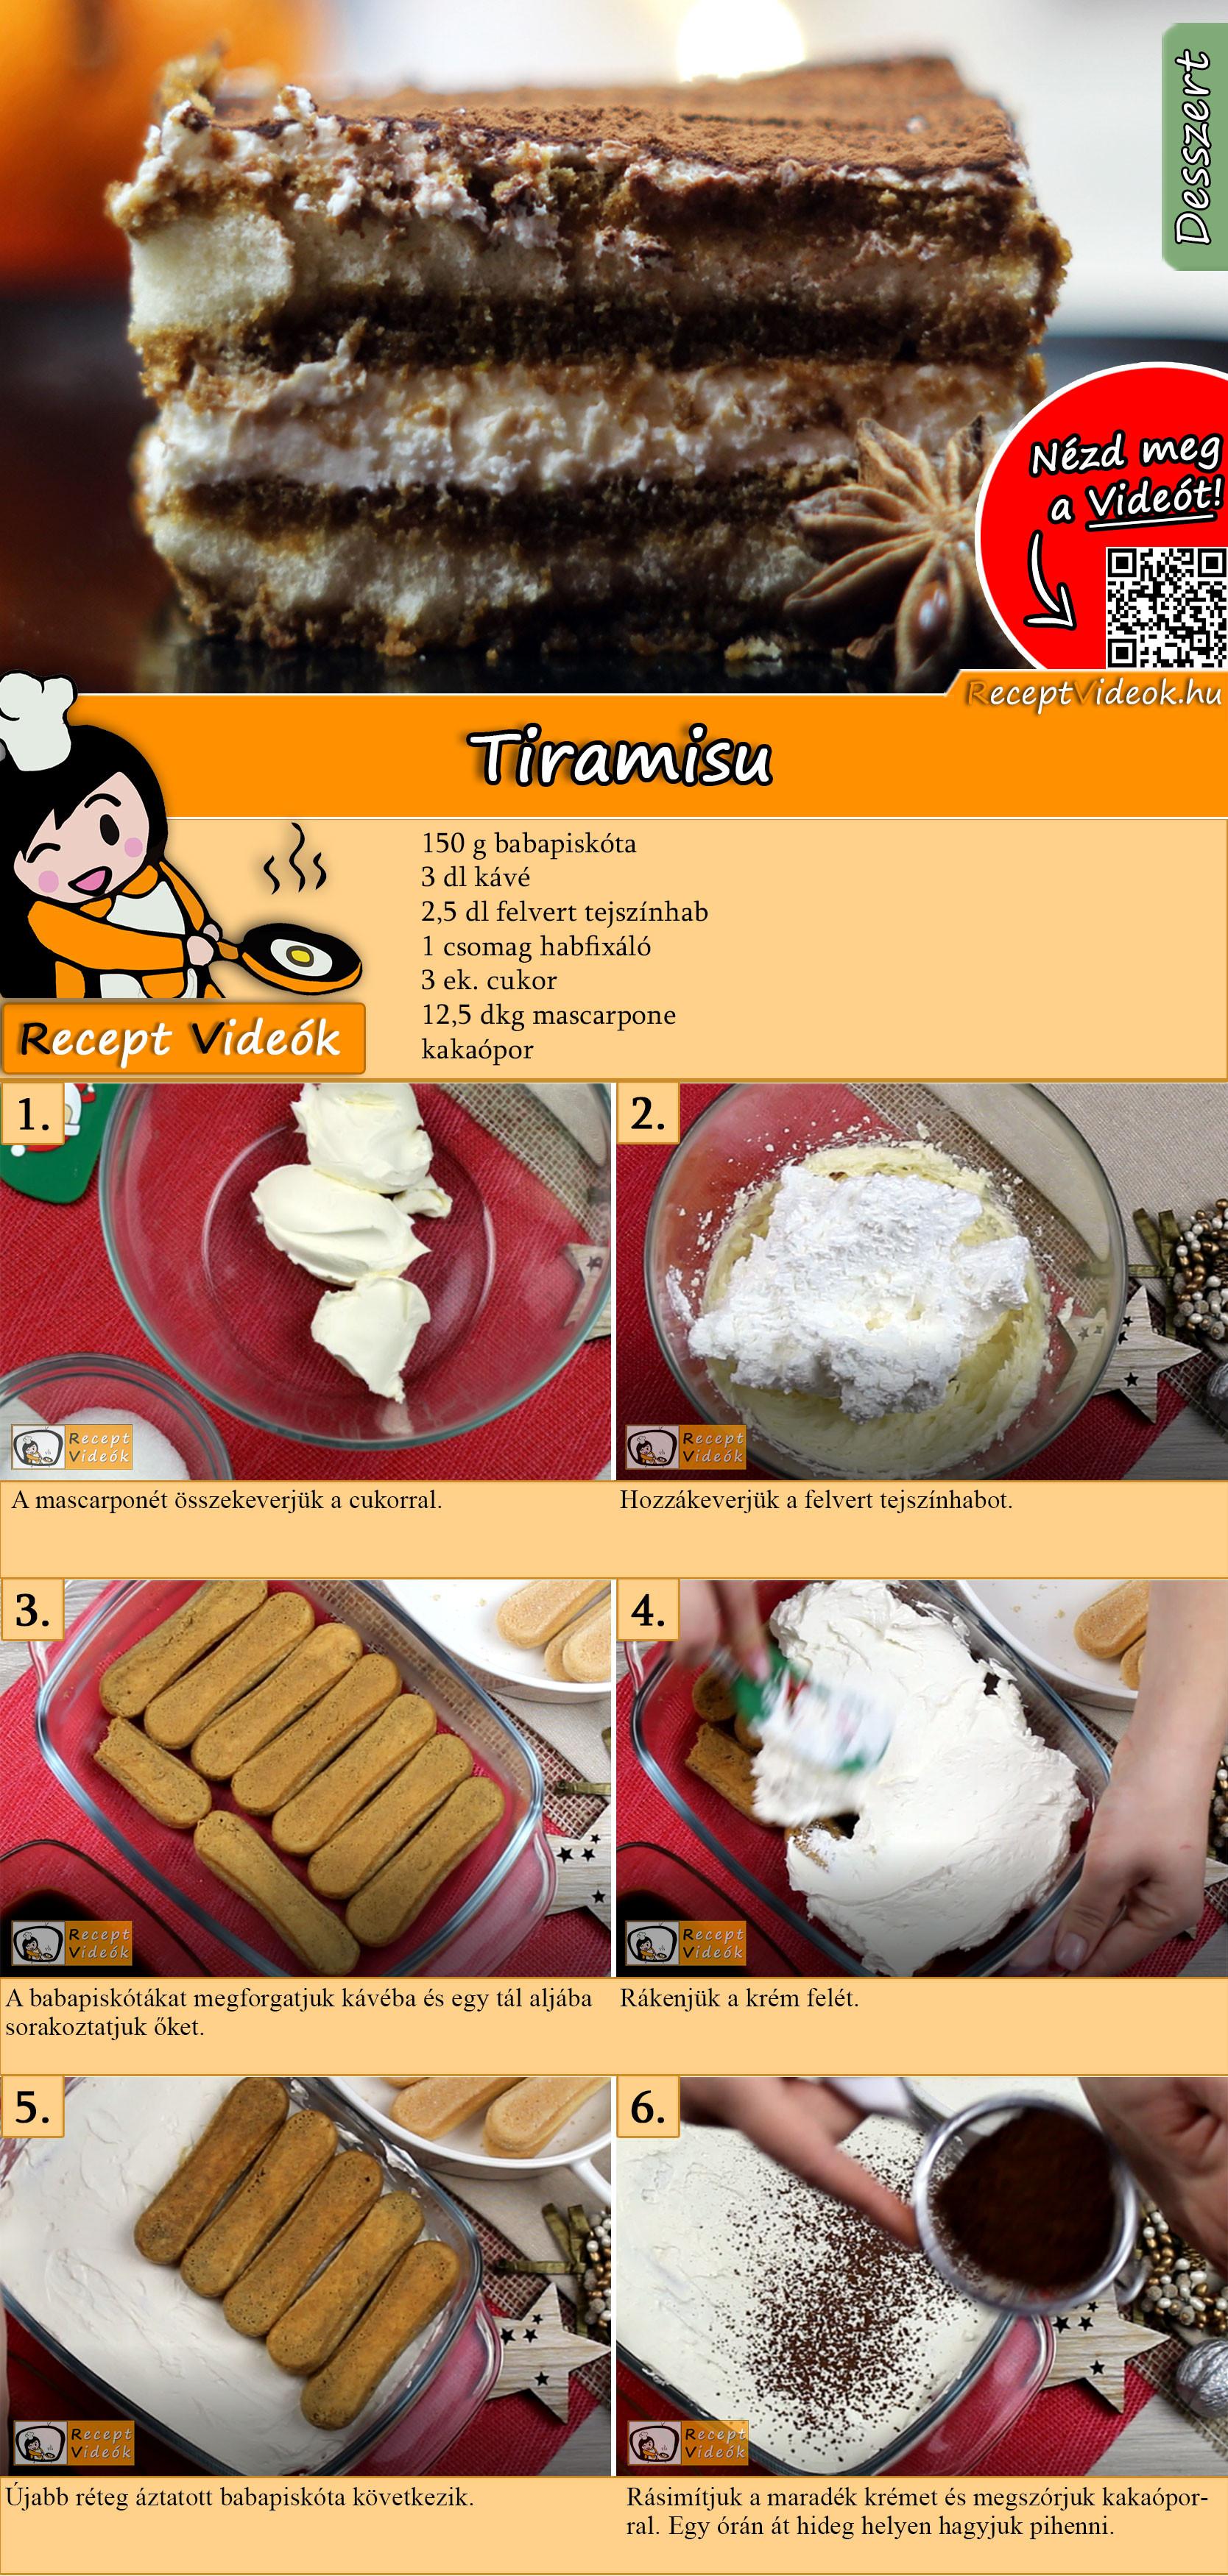 Tiramisu recept elkészítése videóval